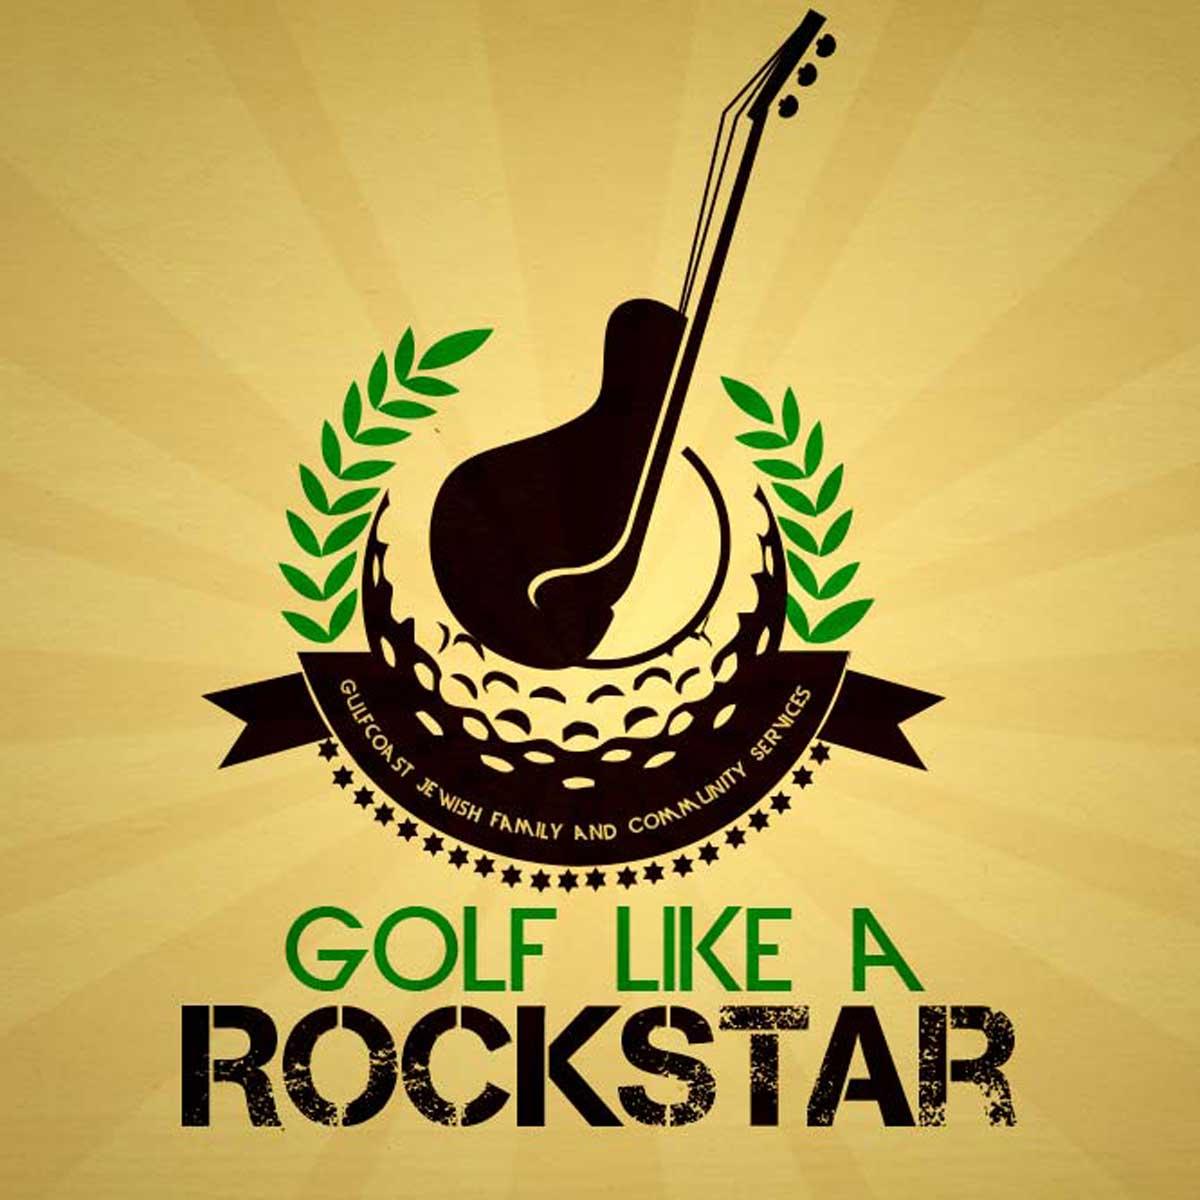 Golf Like a Rockstar Event Branding